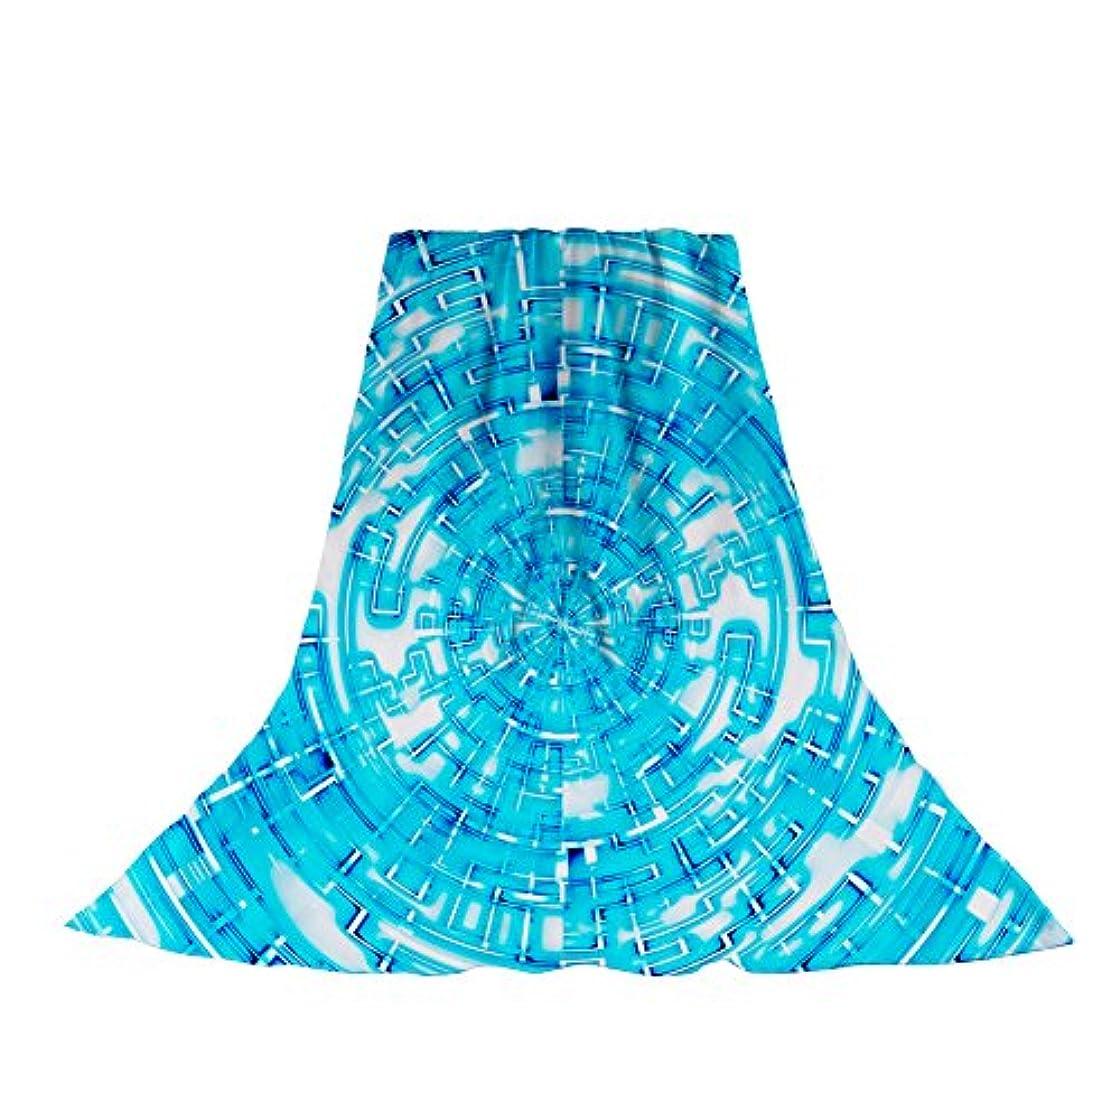 スーダンパンチラッチBigcardesigns スカーフ 紫外線対策 薄手 旅行